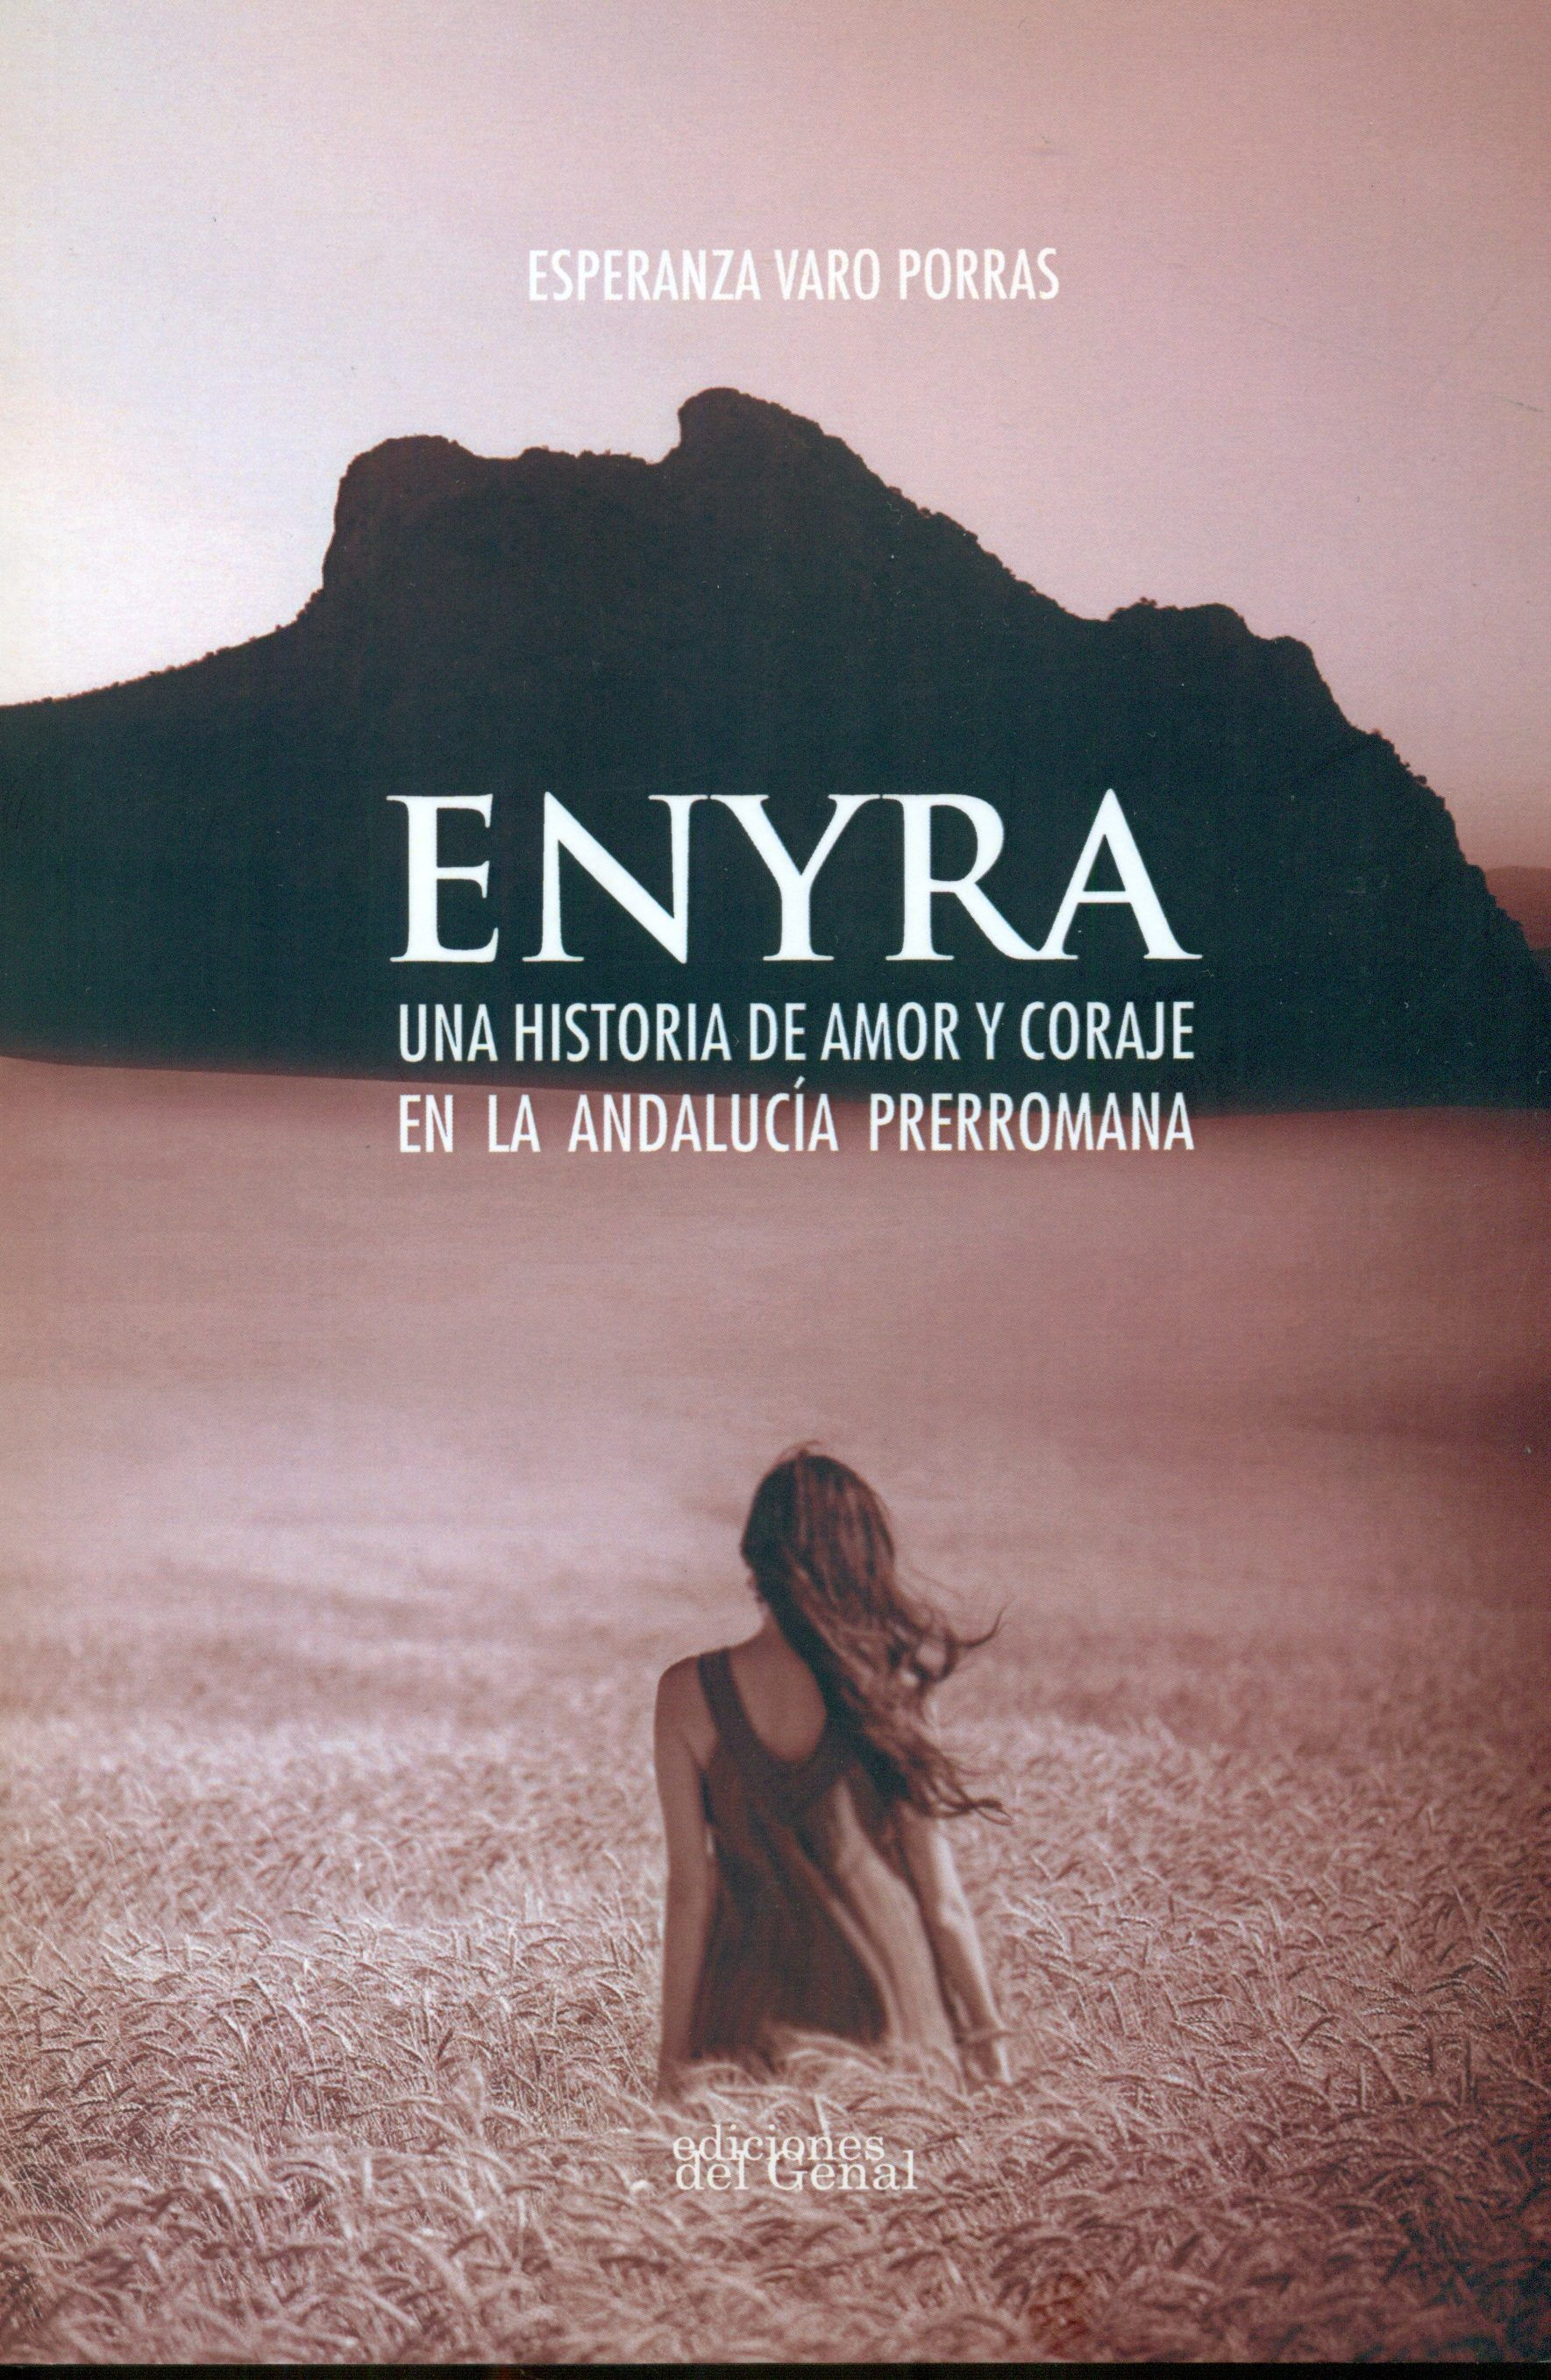 La joven sanadora Enyra y su mejor amiga Alda, ven cambiar rápidamente su mundo, debido a las presiones de los extranjeros, las luchas contra sus vecinos de Tartessos y por la desmedida ambición y maldad de Bákal, uno de los habitantes de su misma aldea.